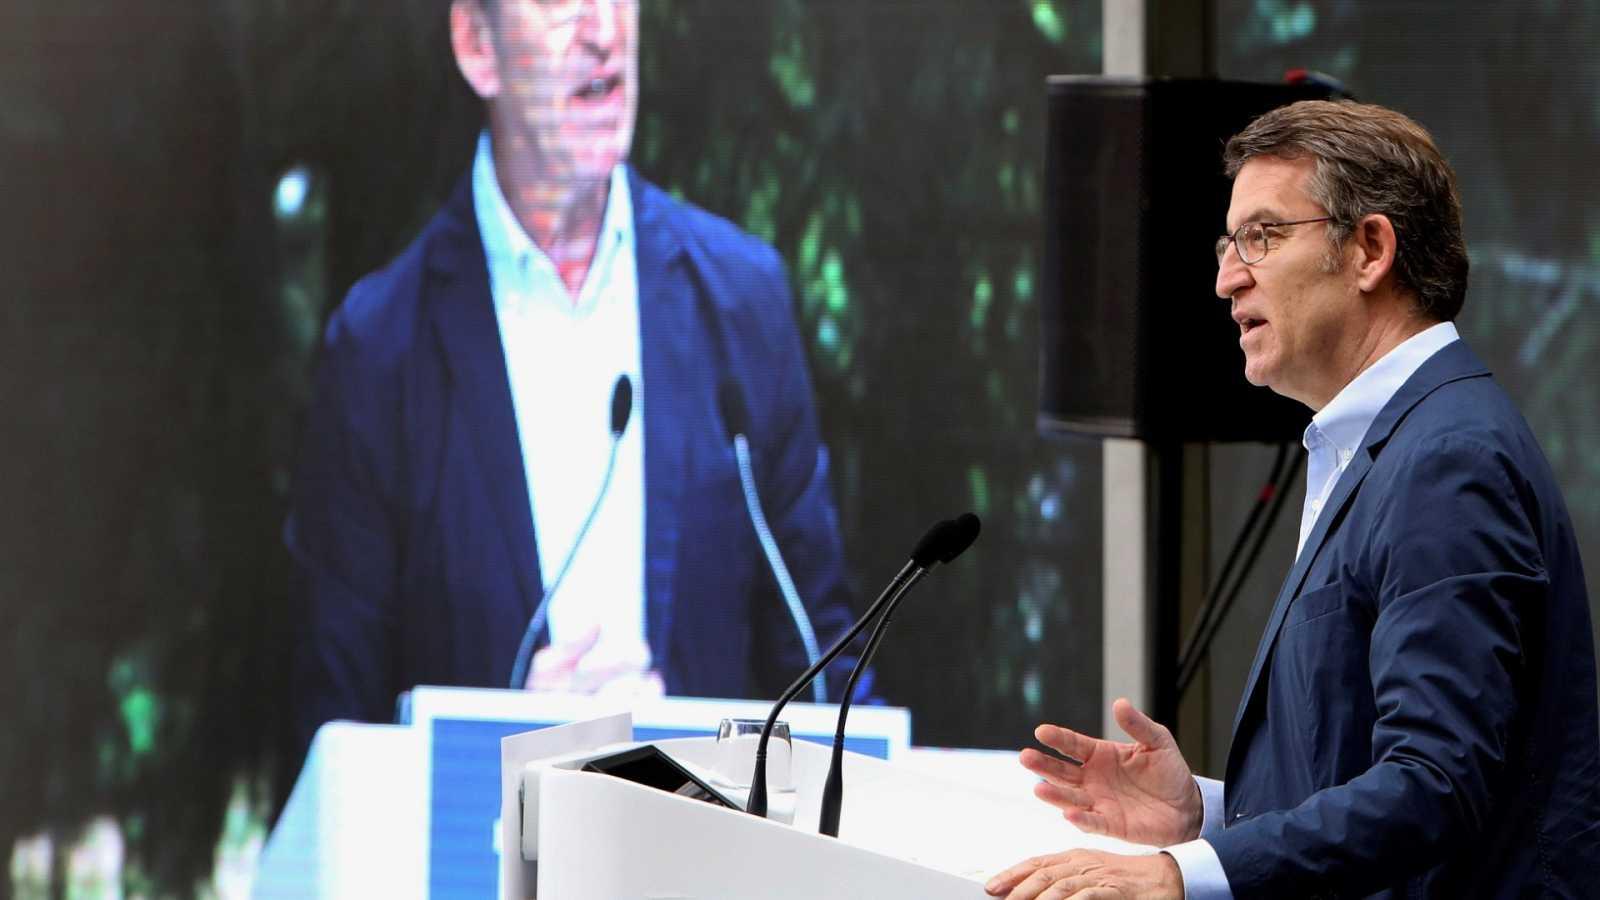 Feijóo revalidaría la mayoría absoluta en Galicia con el PSdeG como segunda fuerza y Vox y Cs quedarían fuera